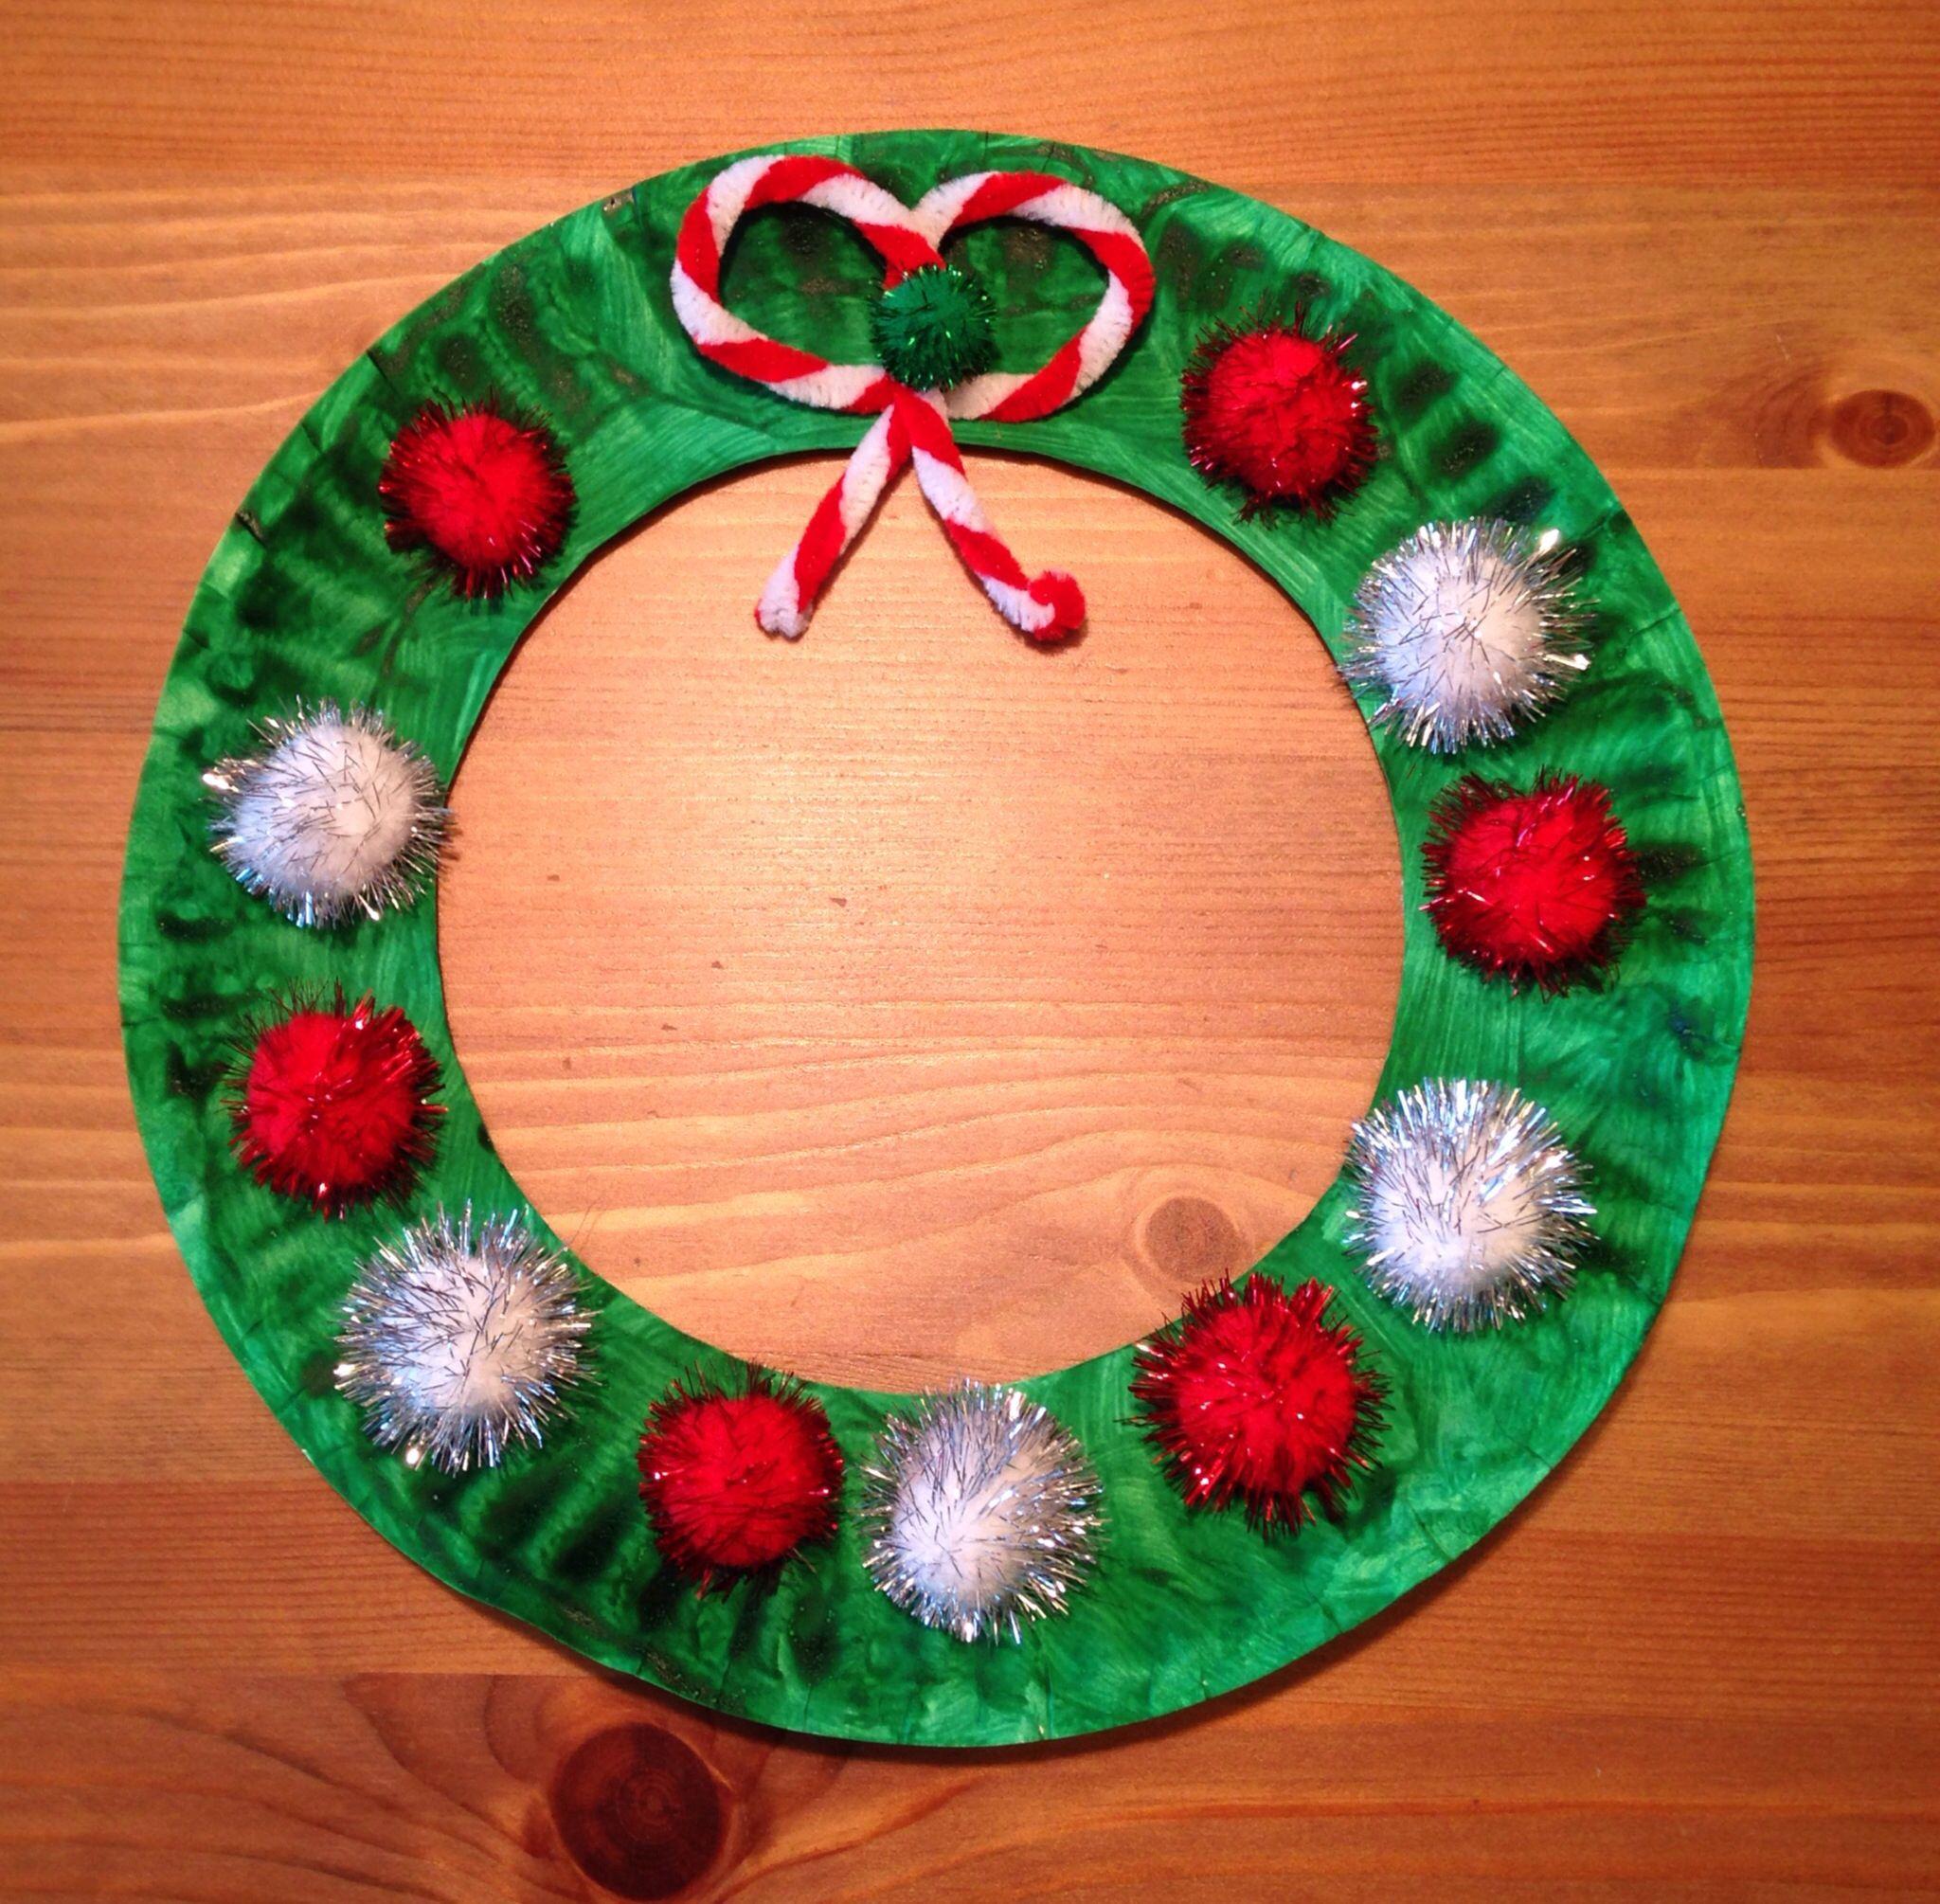 24 Christmas Gift Ideas | Crea Noel | Préscolaire Noël pour Activité Manuelle Noel En Creche